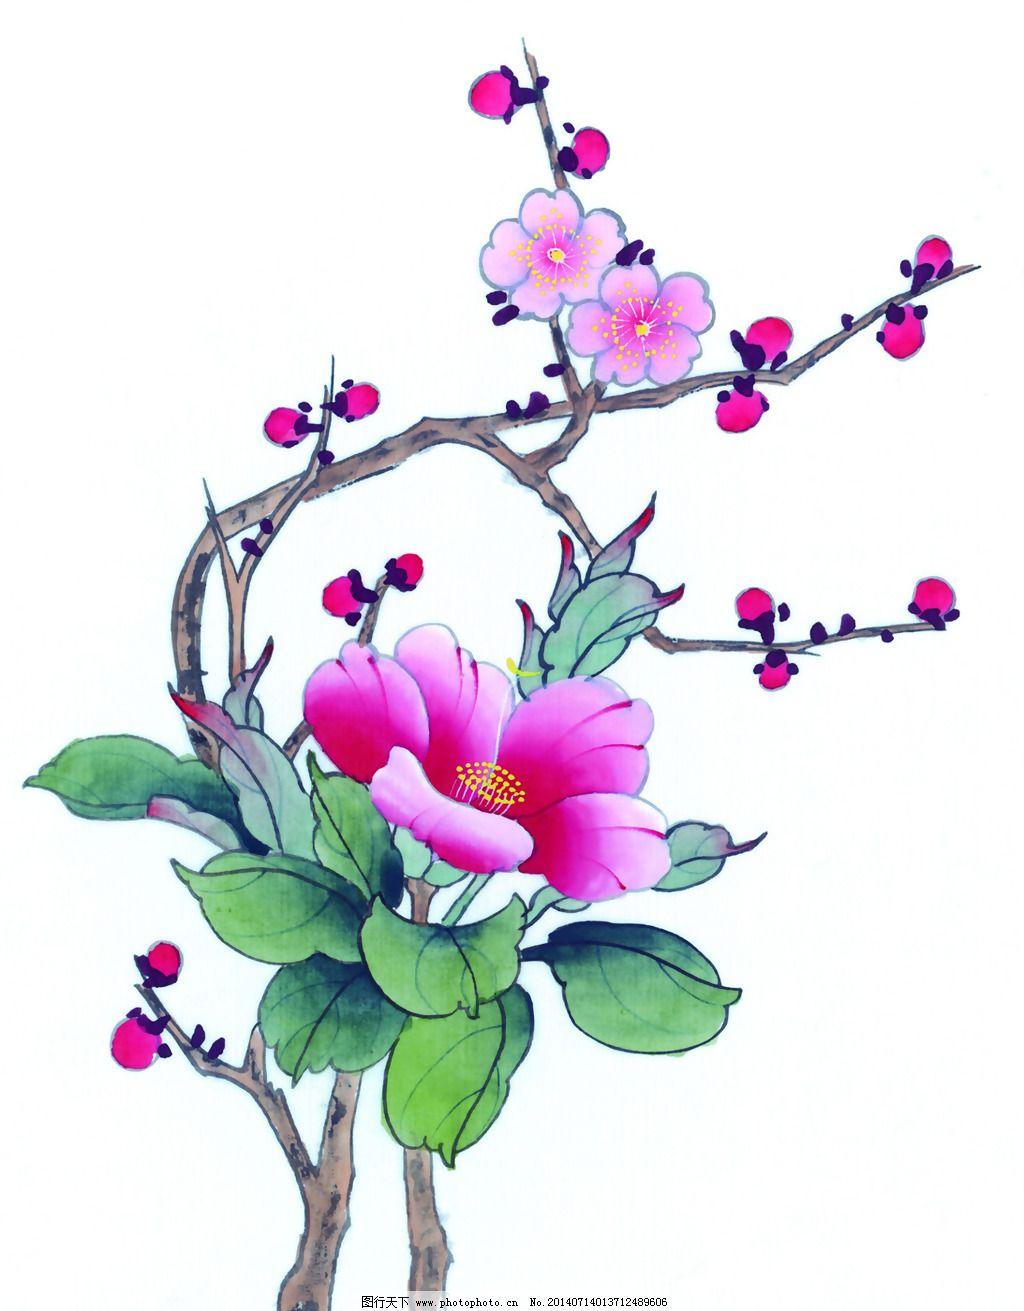 位图 植物 梅花 树叶 水彩 免费素材